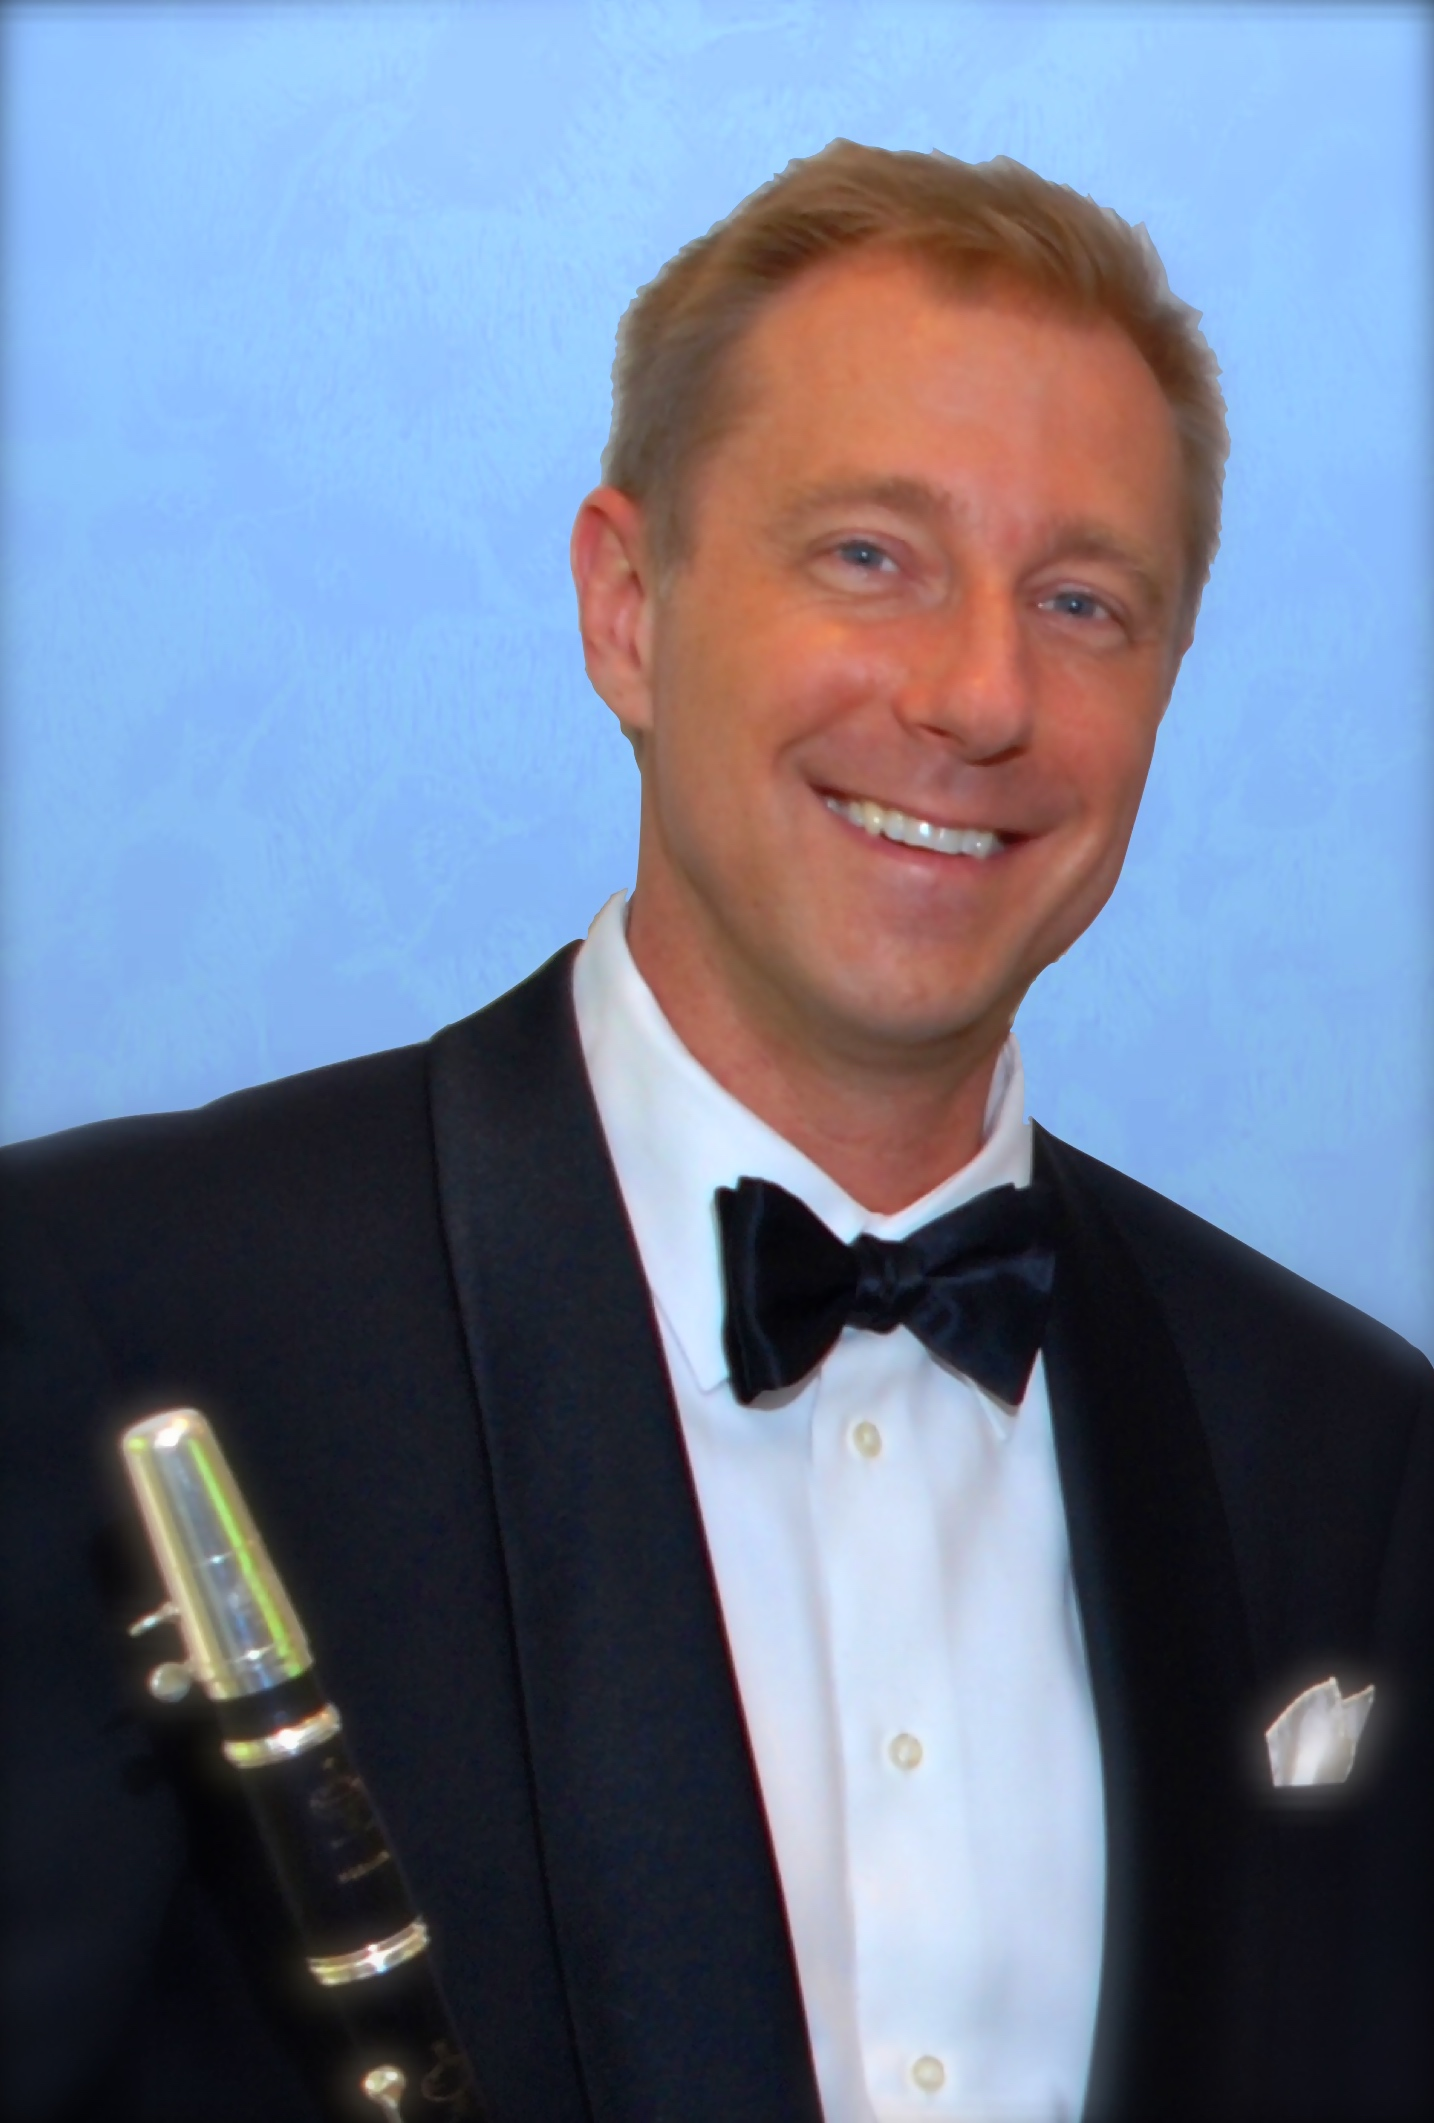 Don Mokrynski